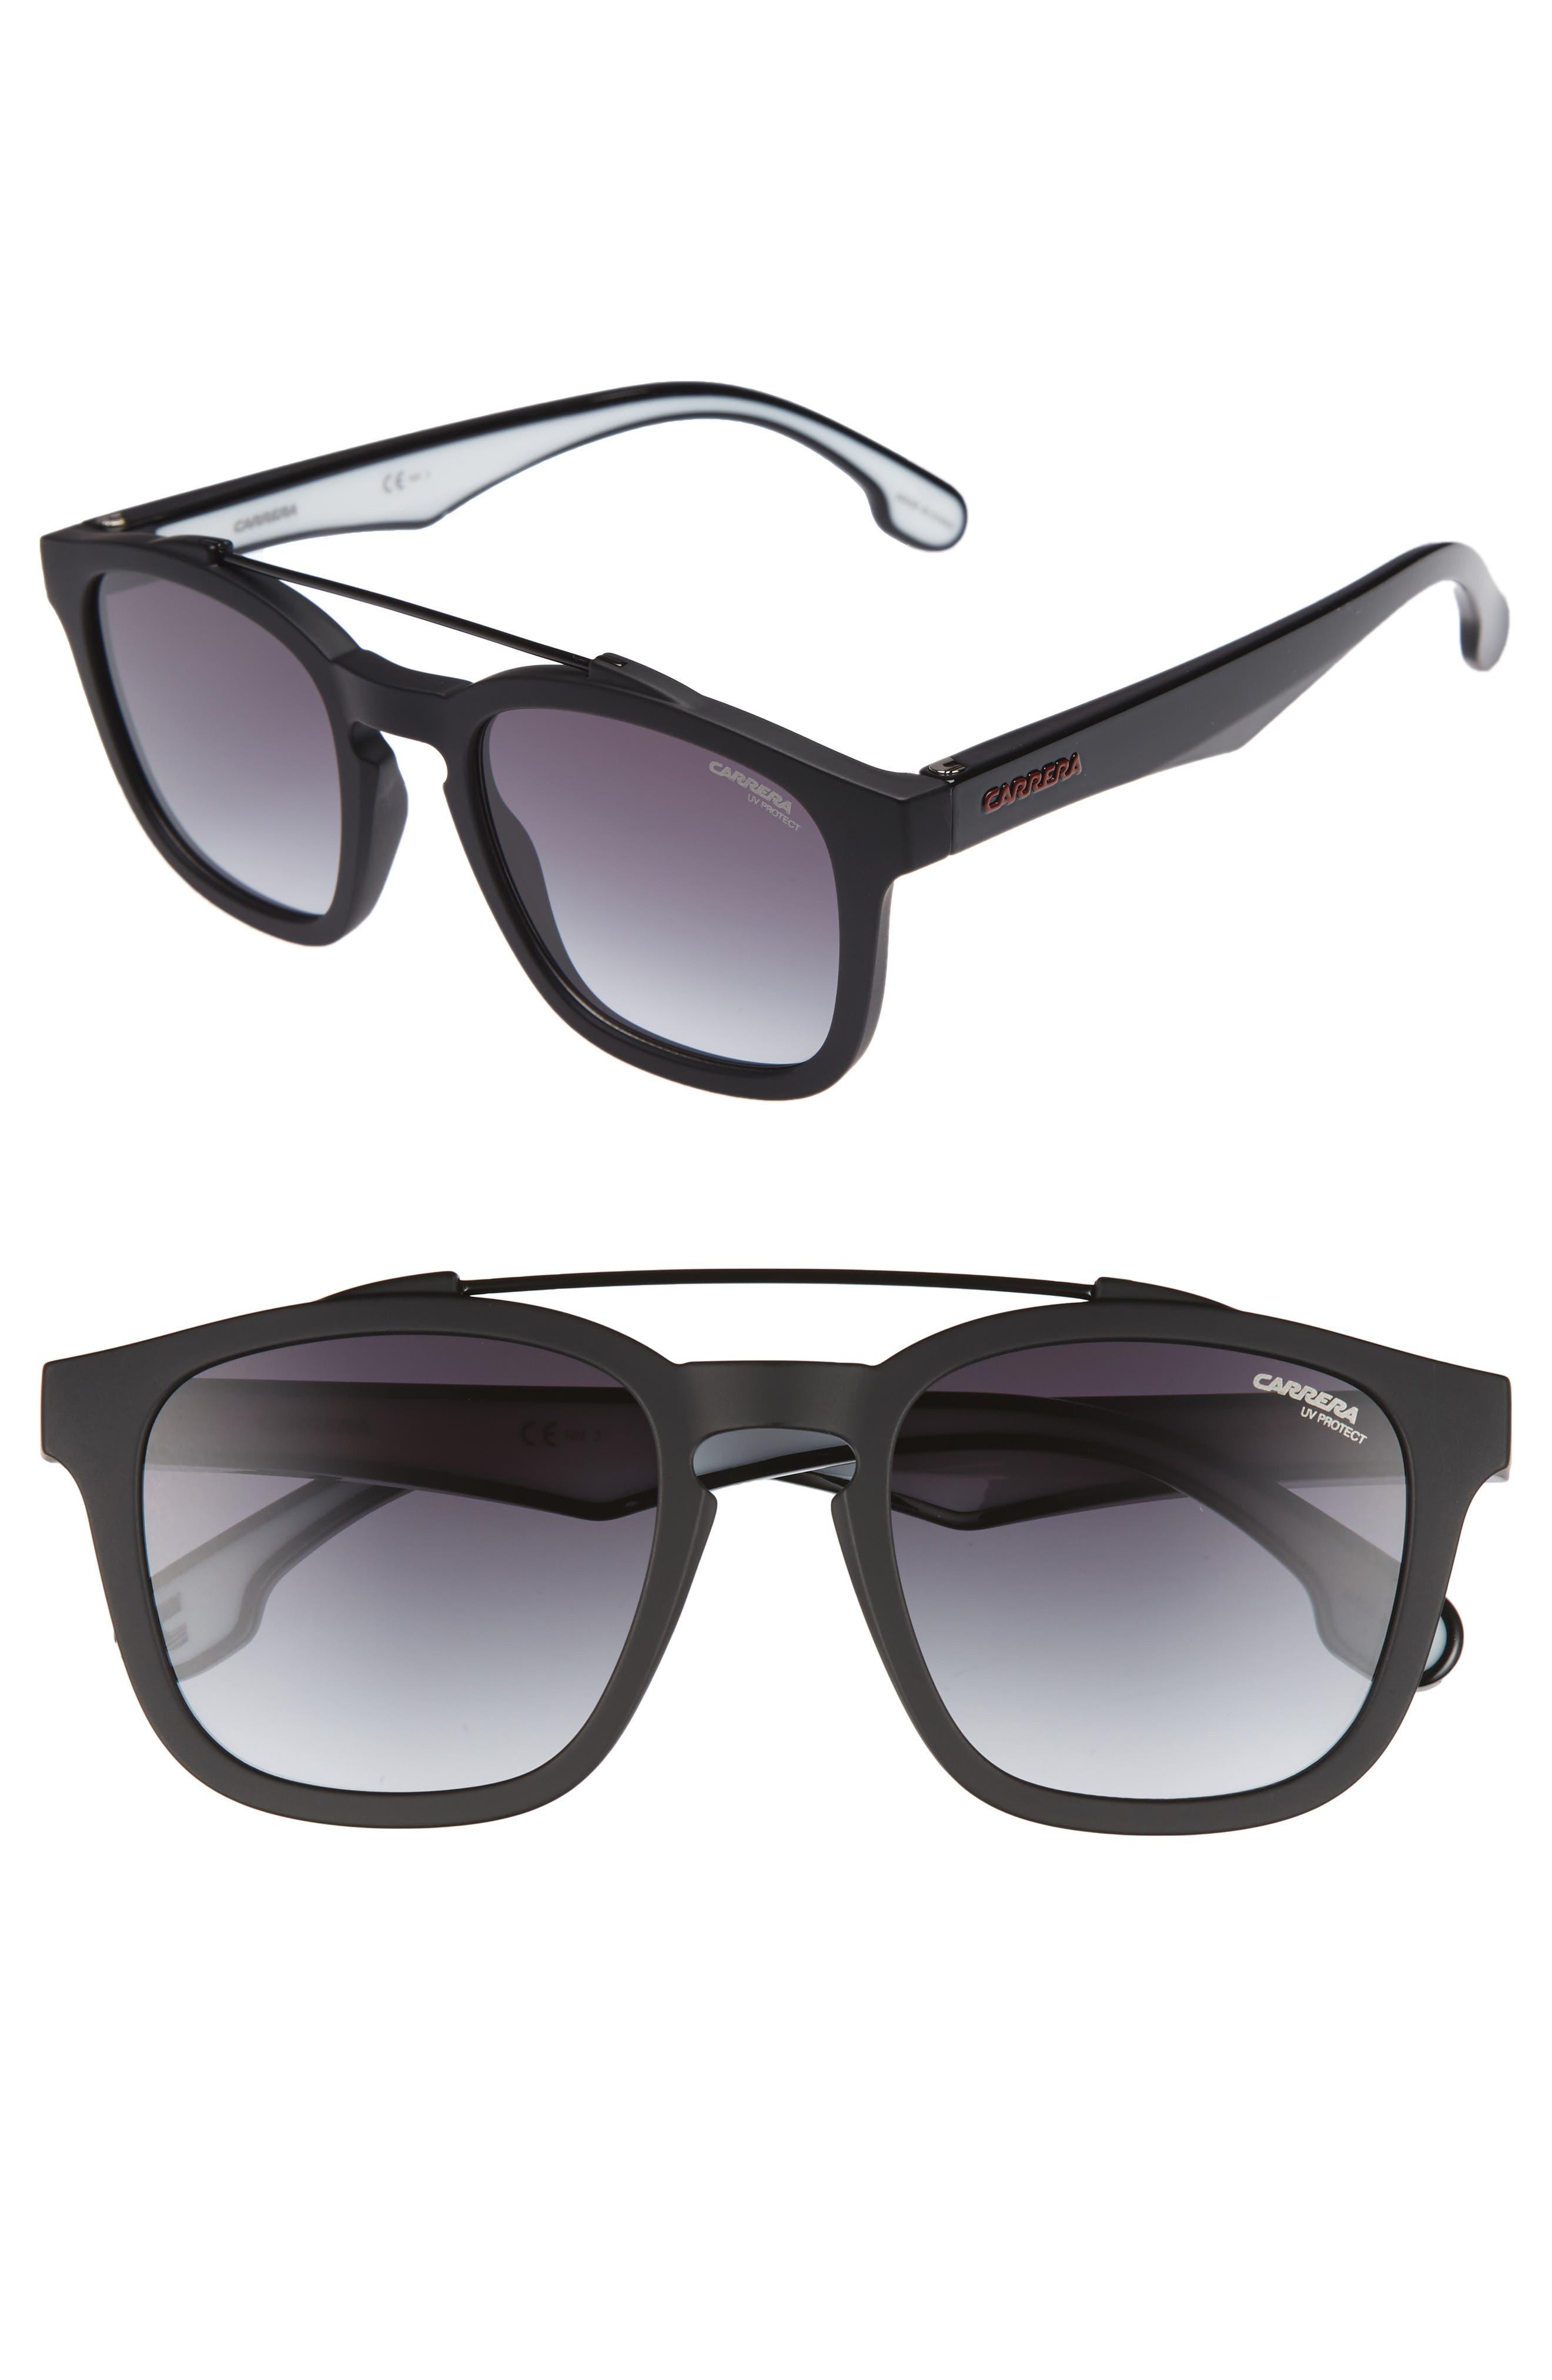 1011S Sunglasses,                             Main thumbnail 1, color,                             Matte Black/ Drk Gray Gradient